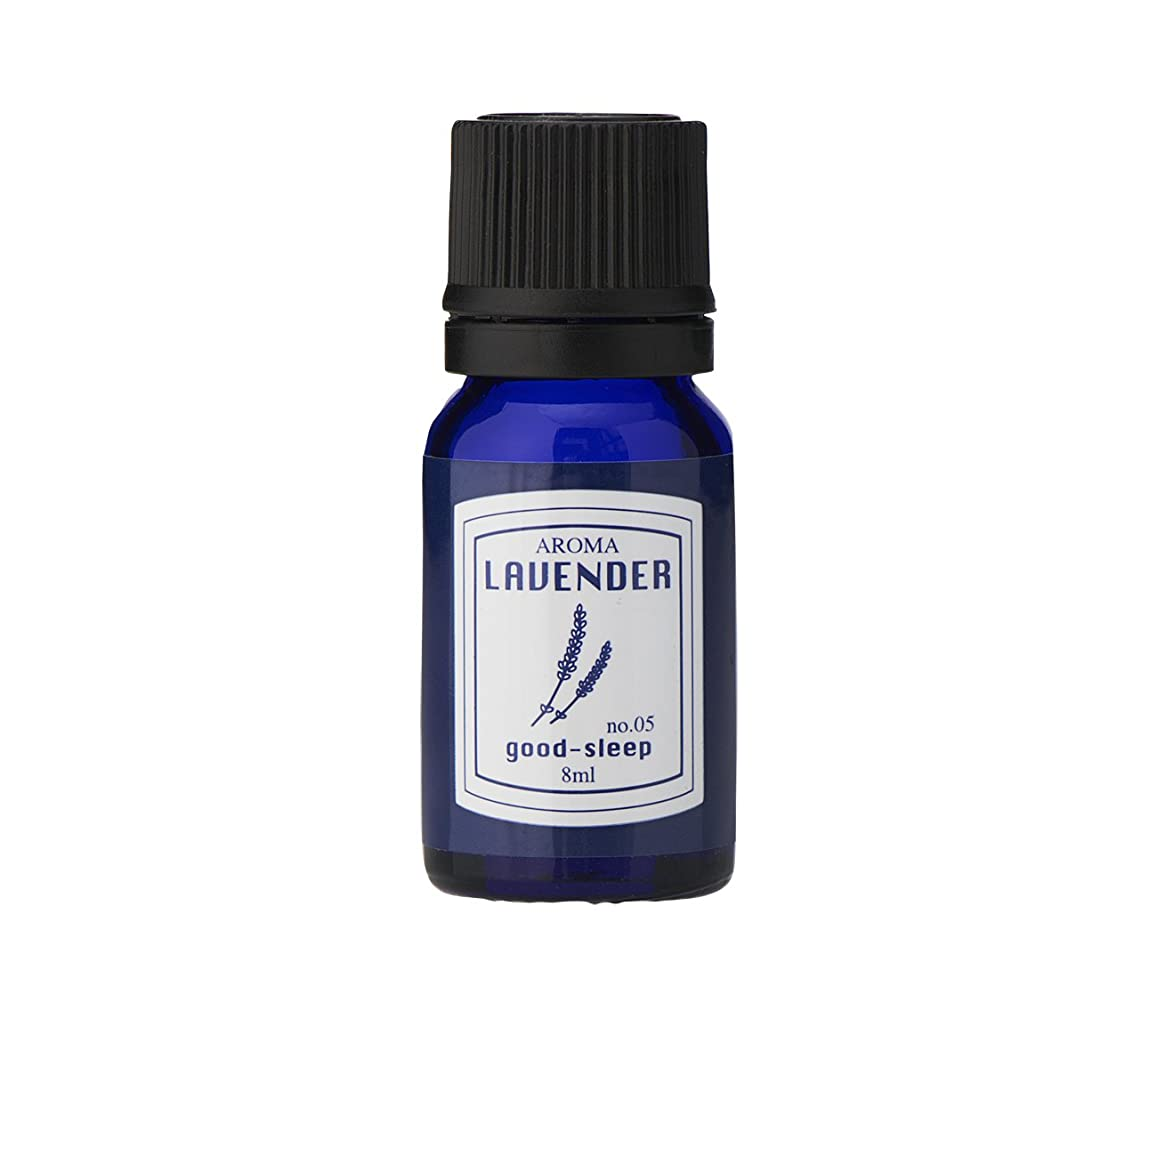 酔って速い汚染ブルーラベル アロマエッセンス8ml ラベンダー(アロマオイル 調合香料 芳香用 心落ち着ける清々しい香り)